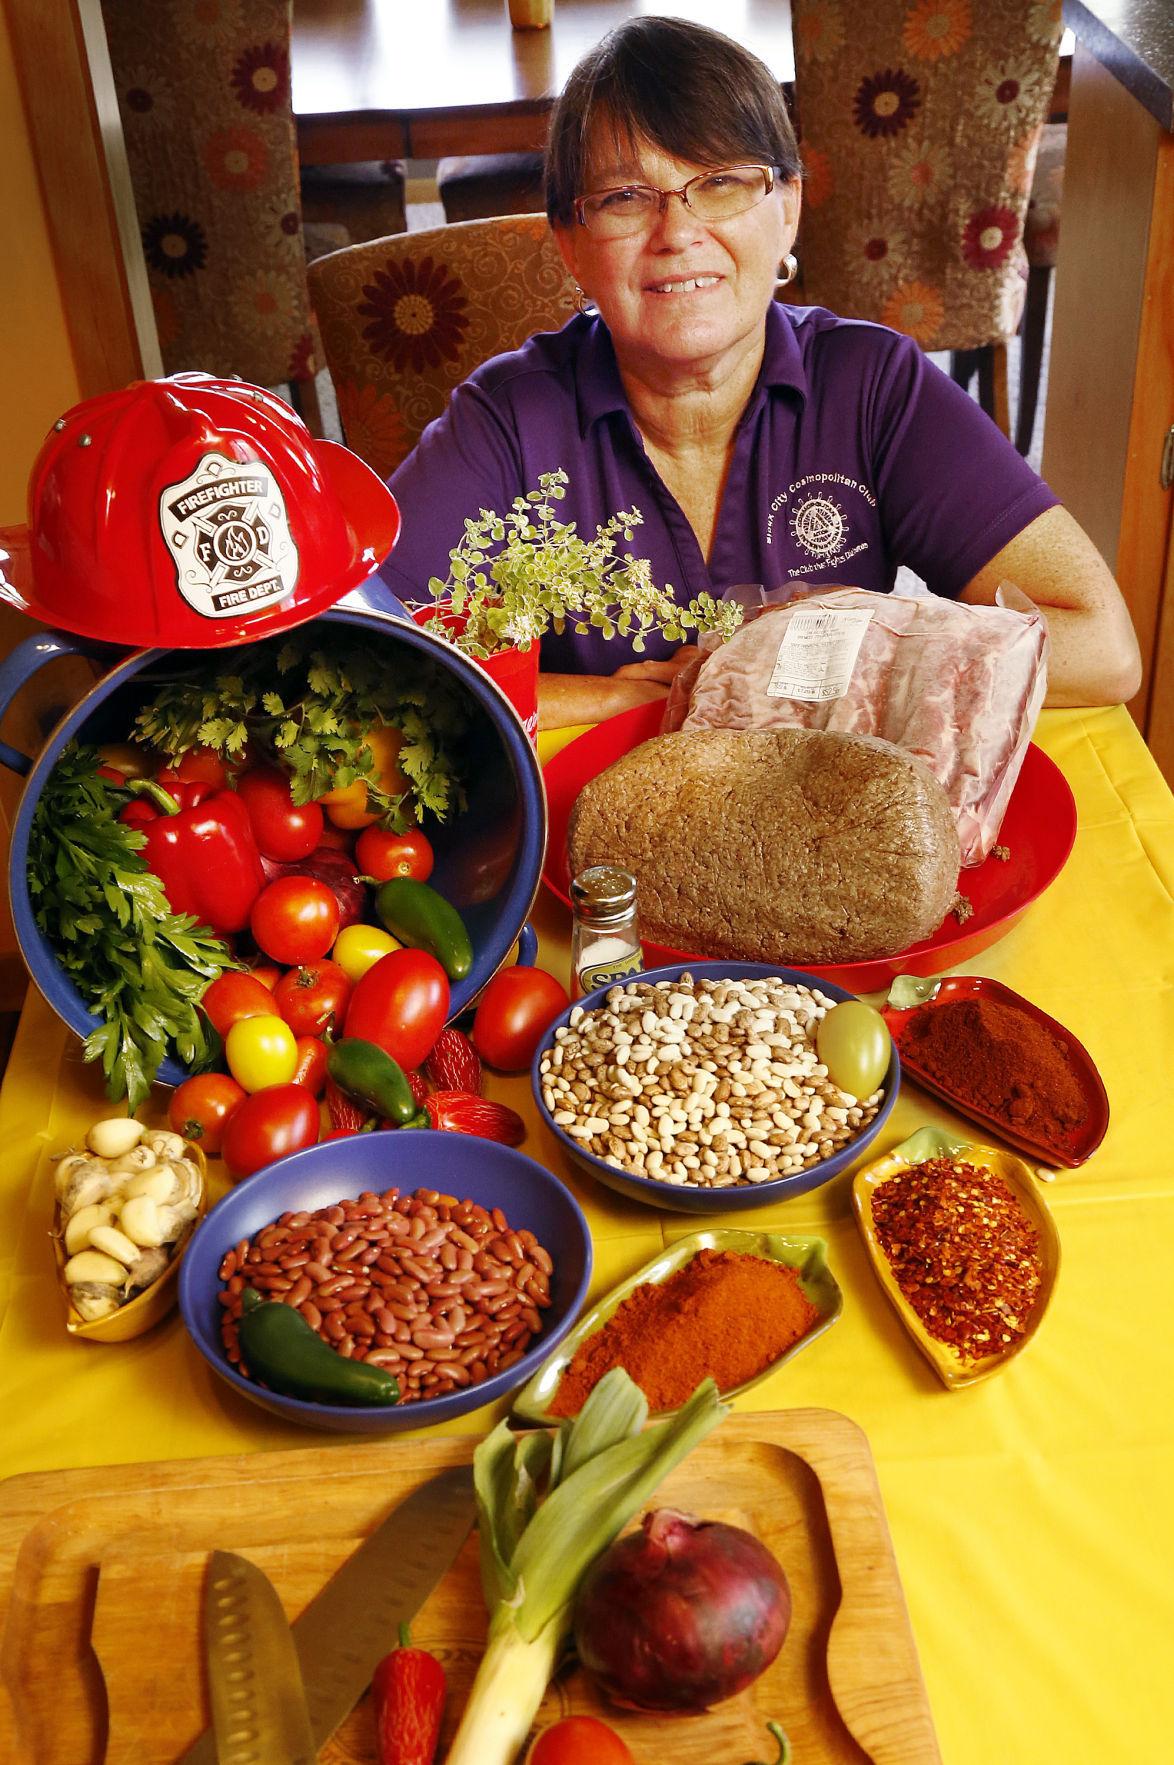 casa de paz celebrates the fort of homemade soups local